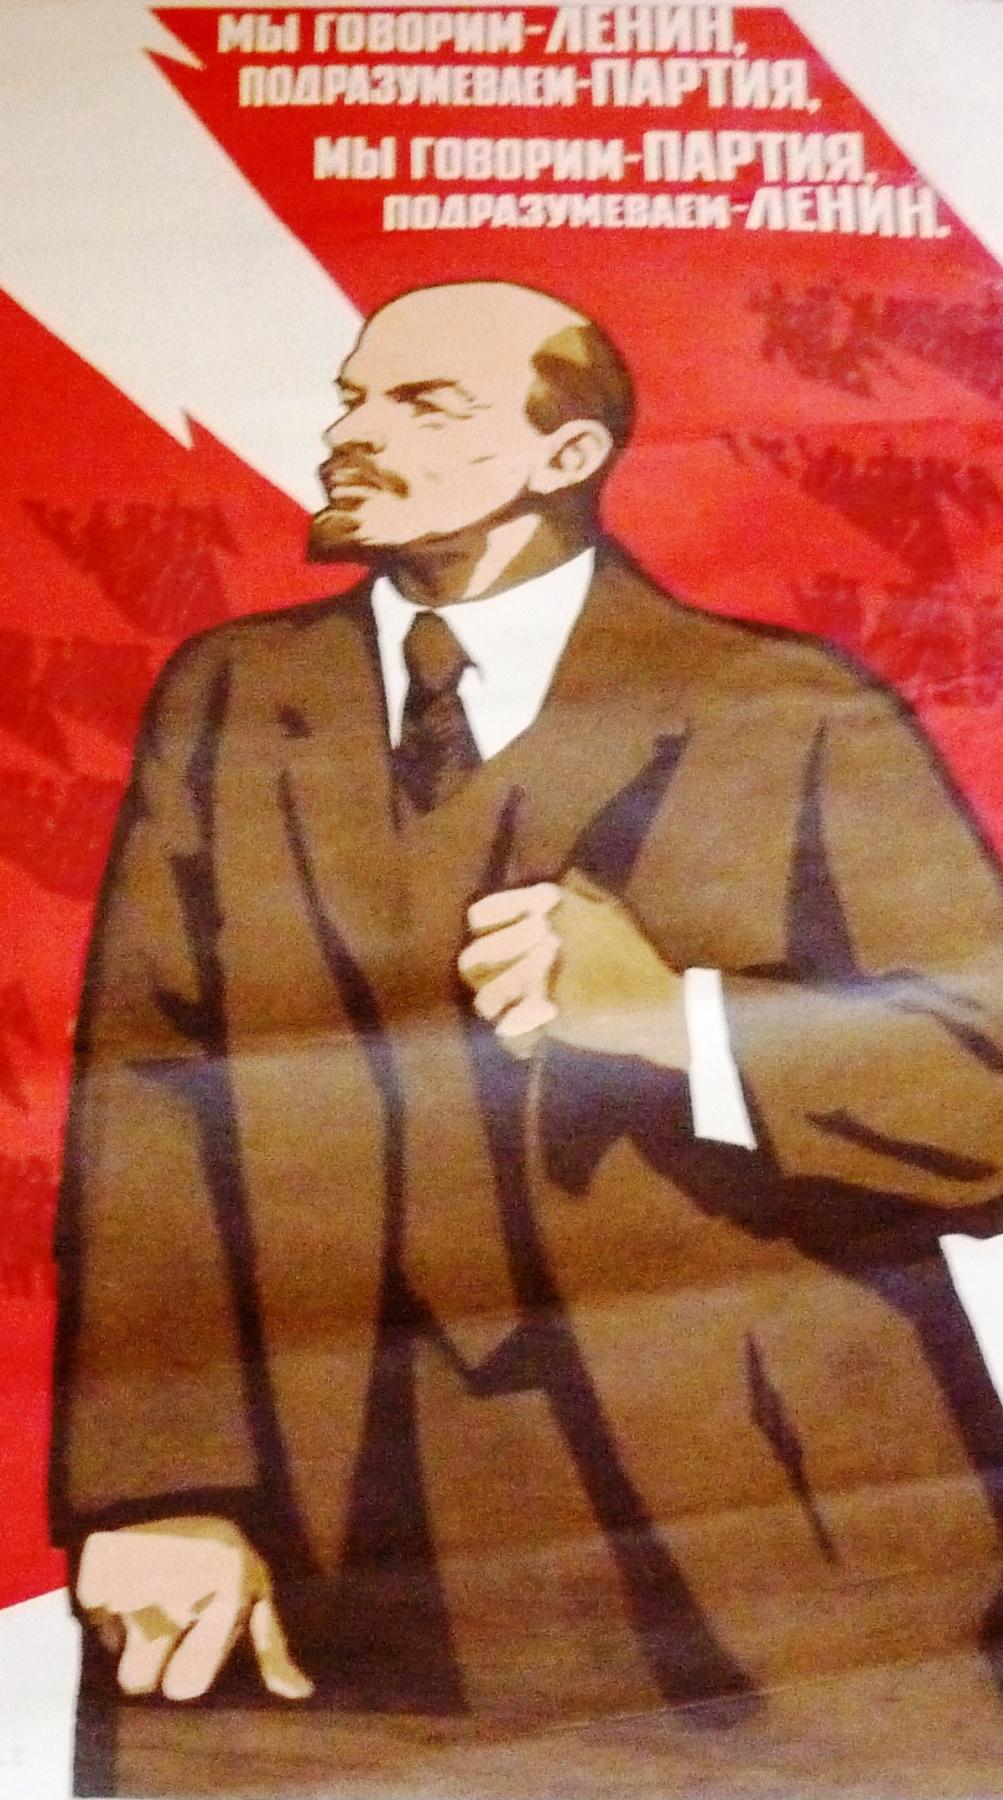 N.Vatolina. We talk-Lenin-imply-party, we talk-party-imply-Lenin